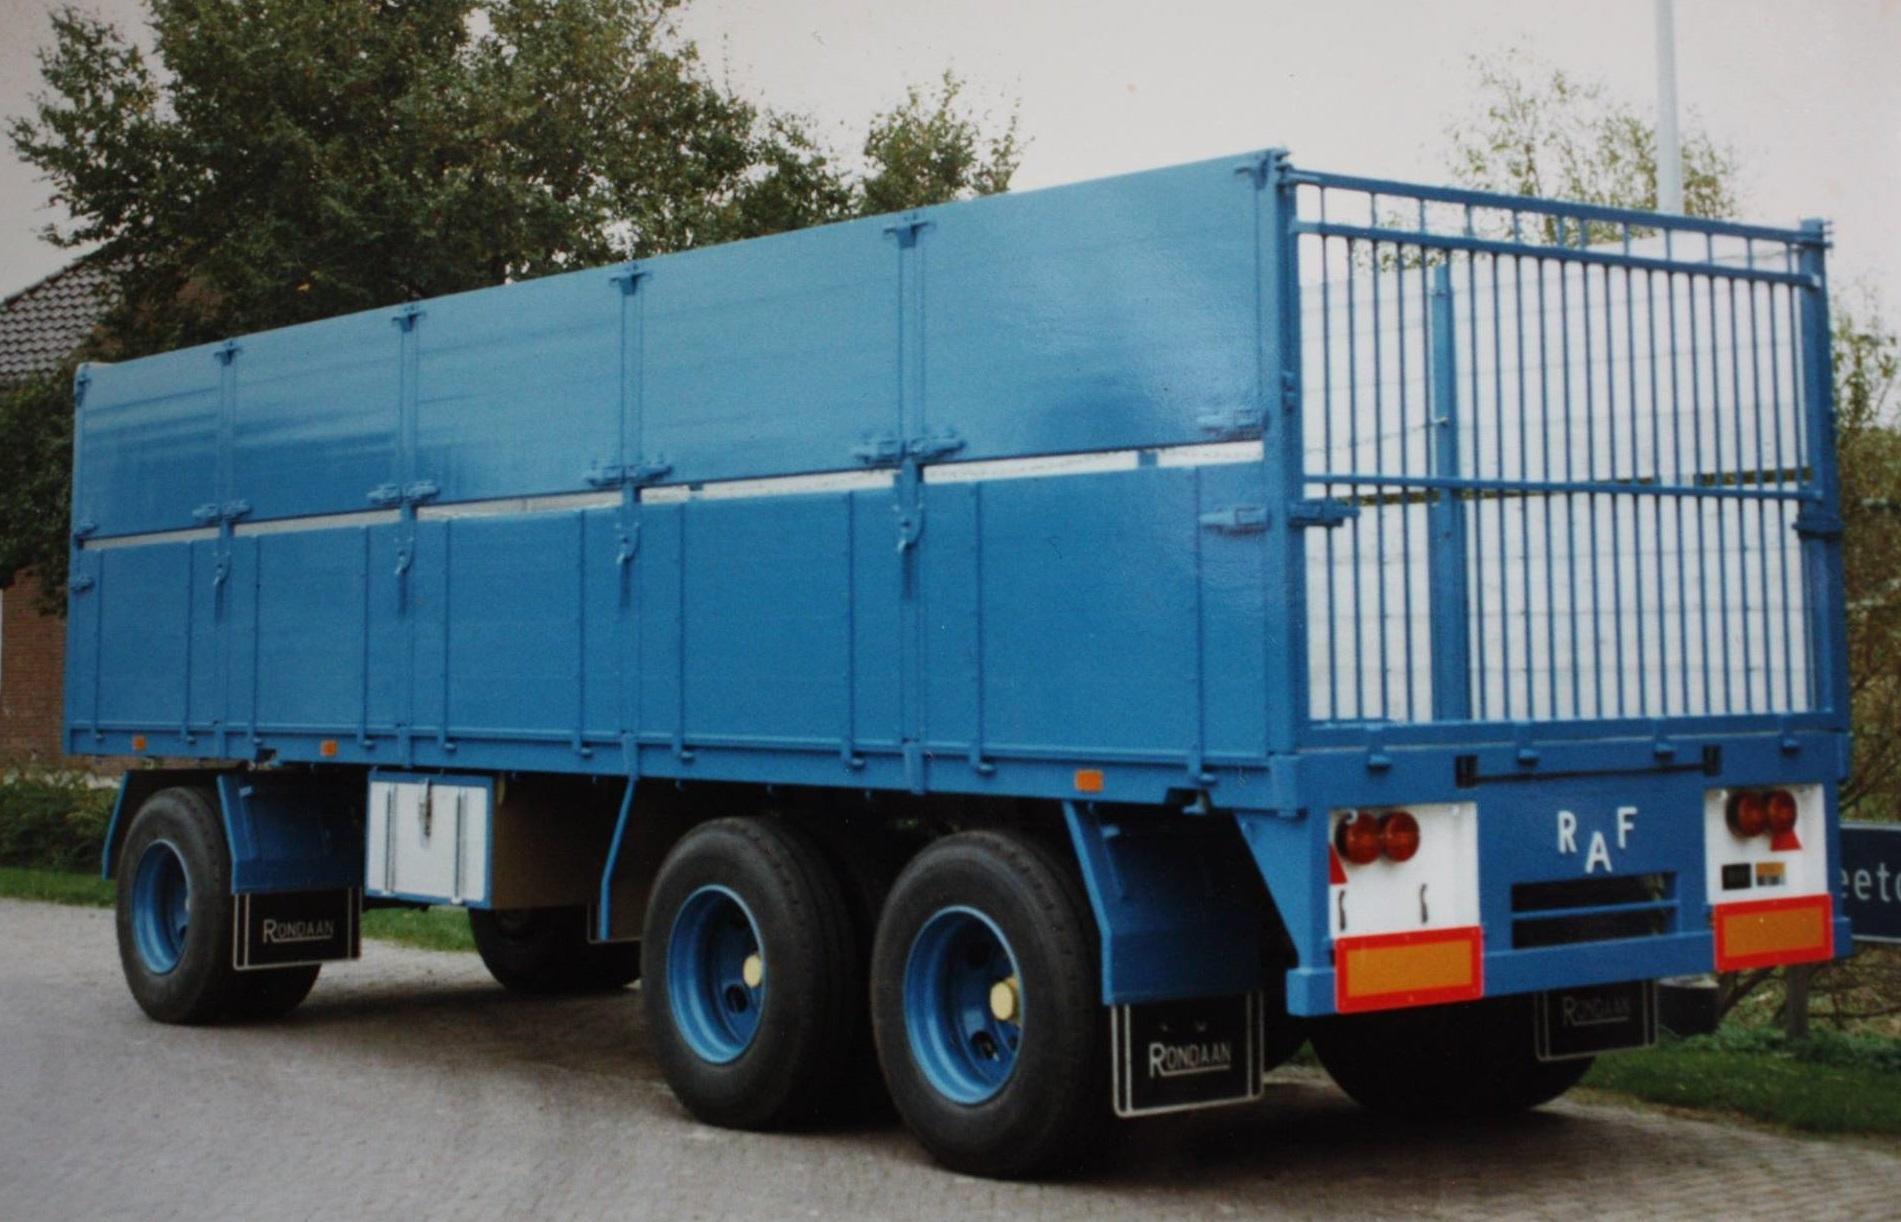 combinatie-truck-met-aanhangwagen-voor-bietenvervoer-en-deze-oplegger-is-gebouwd-door-Rondaan-voor-Transportbedrijf-Althusius-in-Tzummarum-4